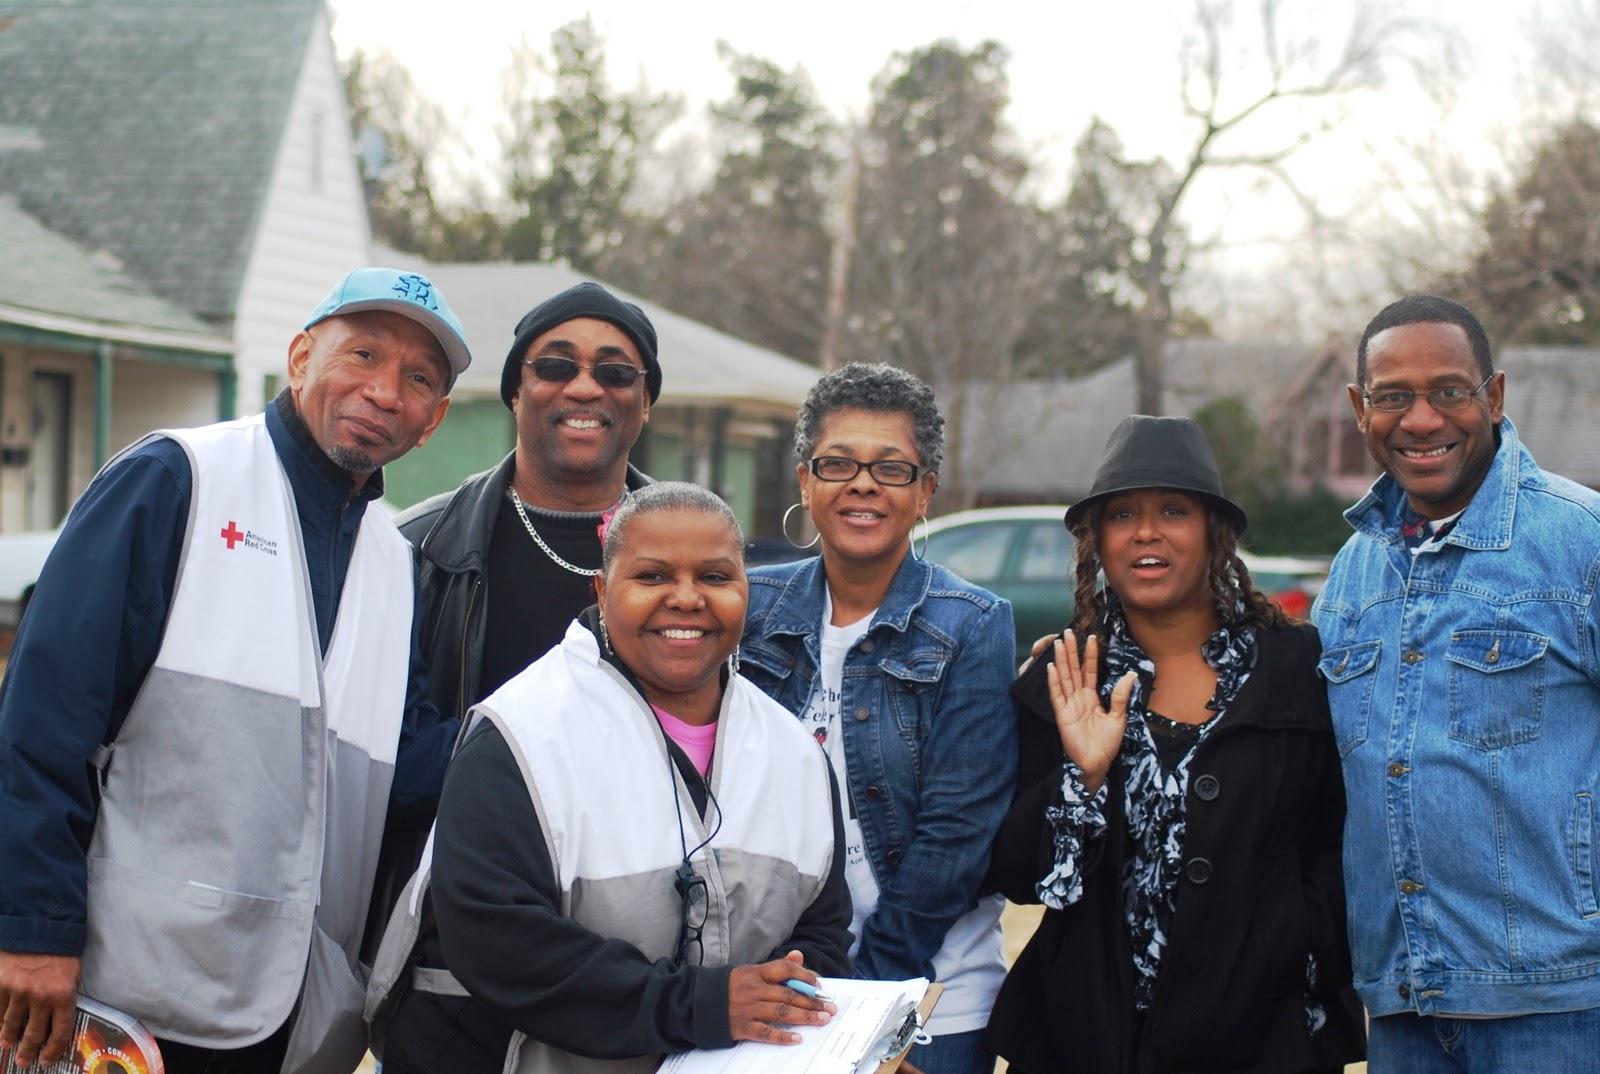 http://4.bp.blogspot.com/-QkCANtzUd68/TxSeVnni2UI/AAAAAAAAIoM/lzs9Ux9pN1s/s1600/American+Red+Cross+Workers+MLK+OKC.jpg